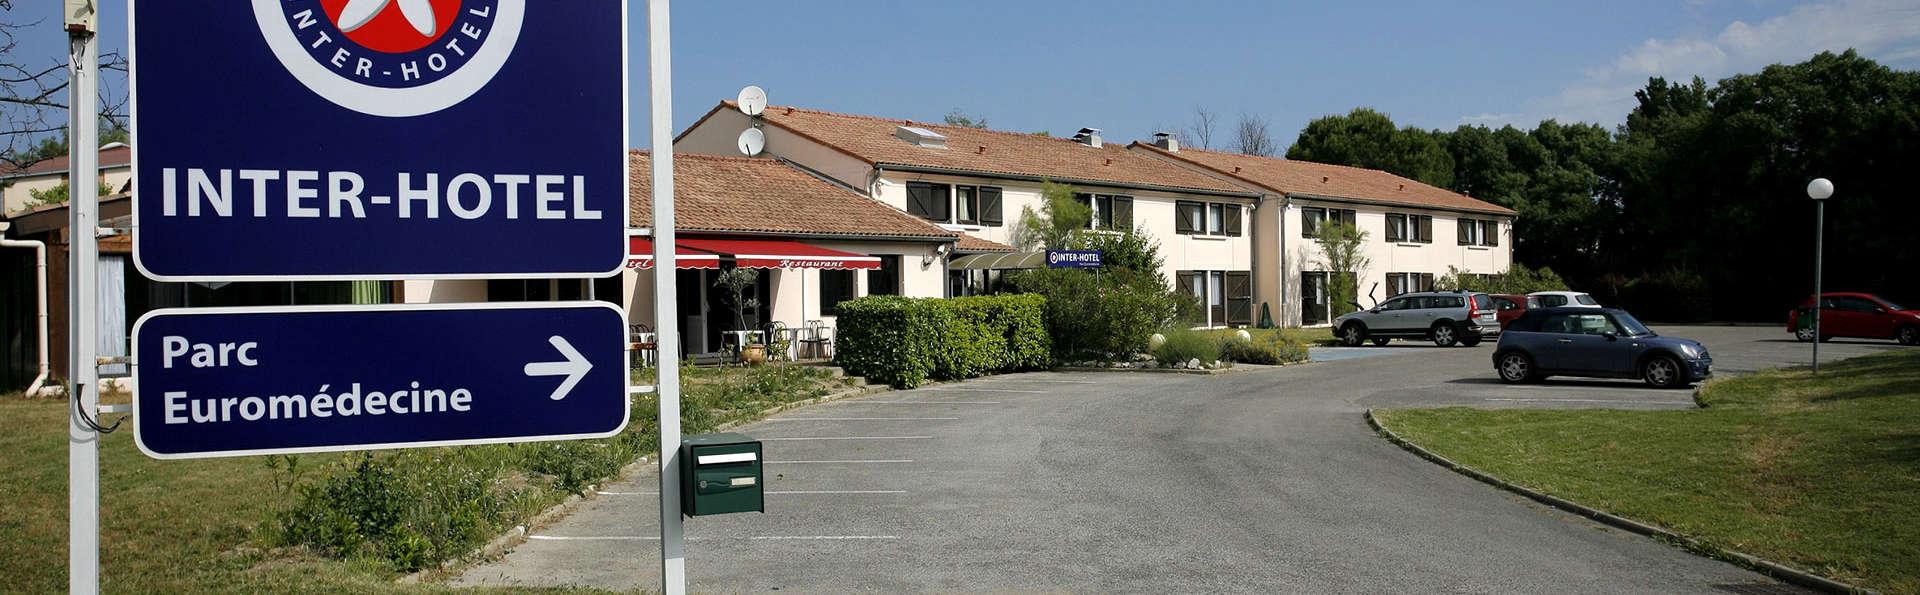 Inter Hotel Montpellier Parc Euromedecine Montpellier France